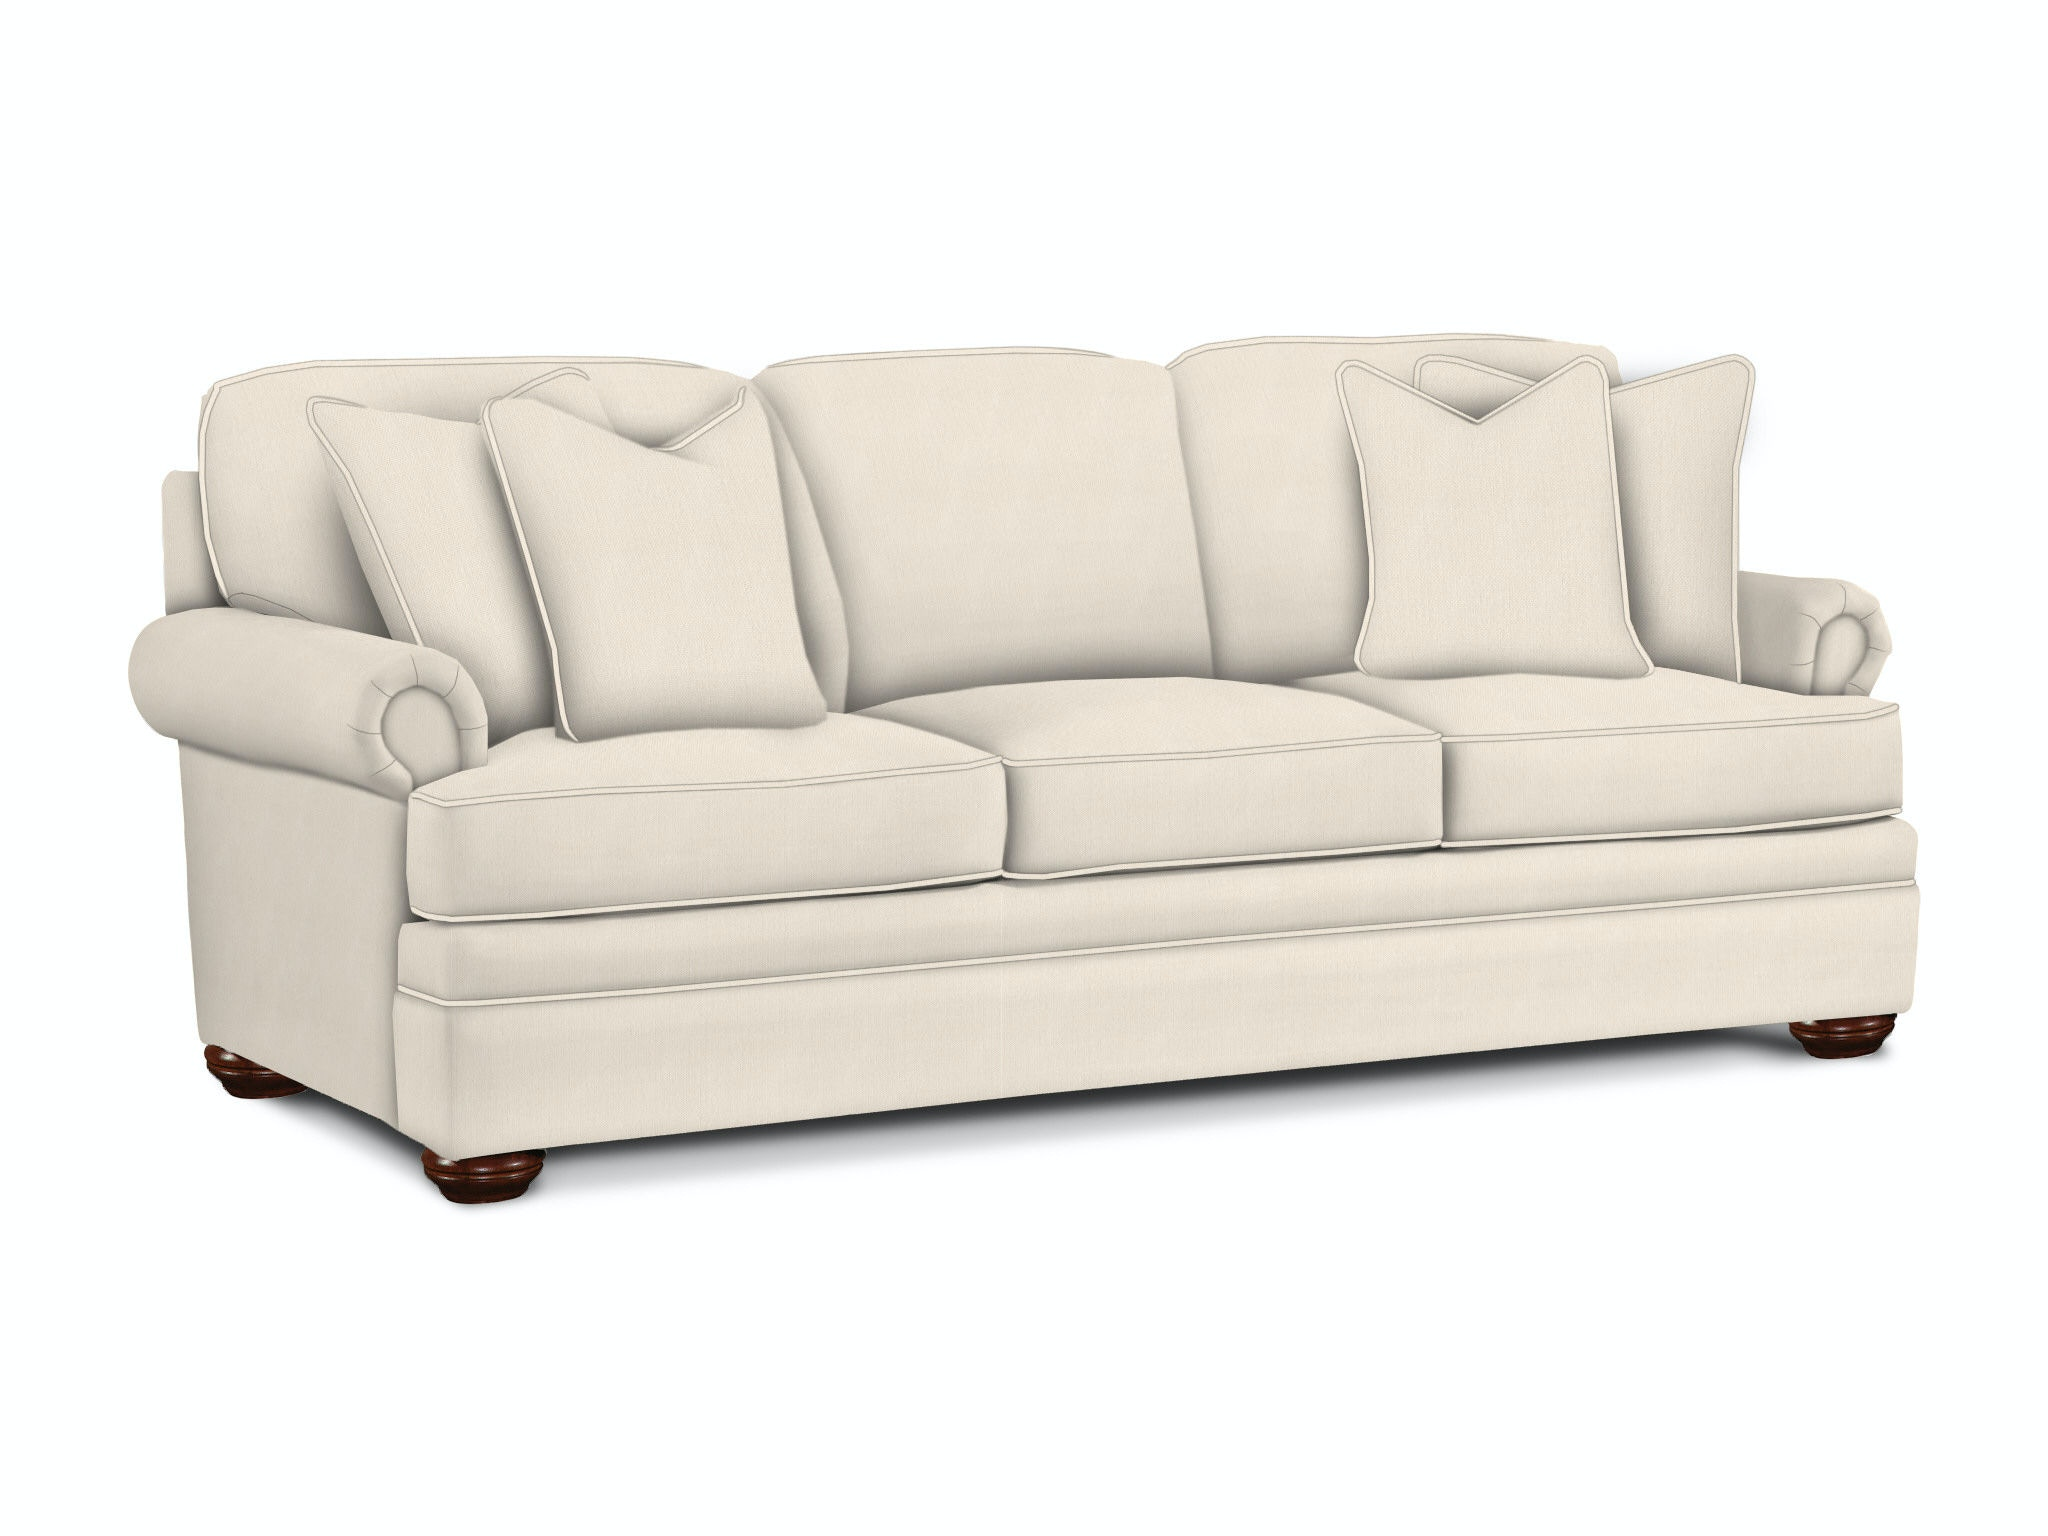 Sofas 7000-011